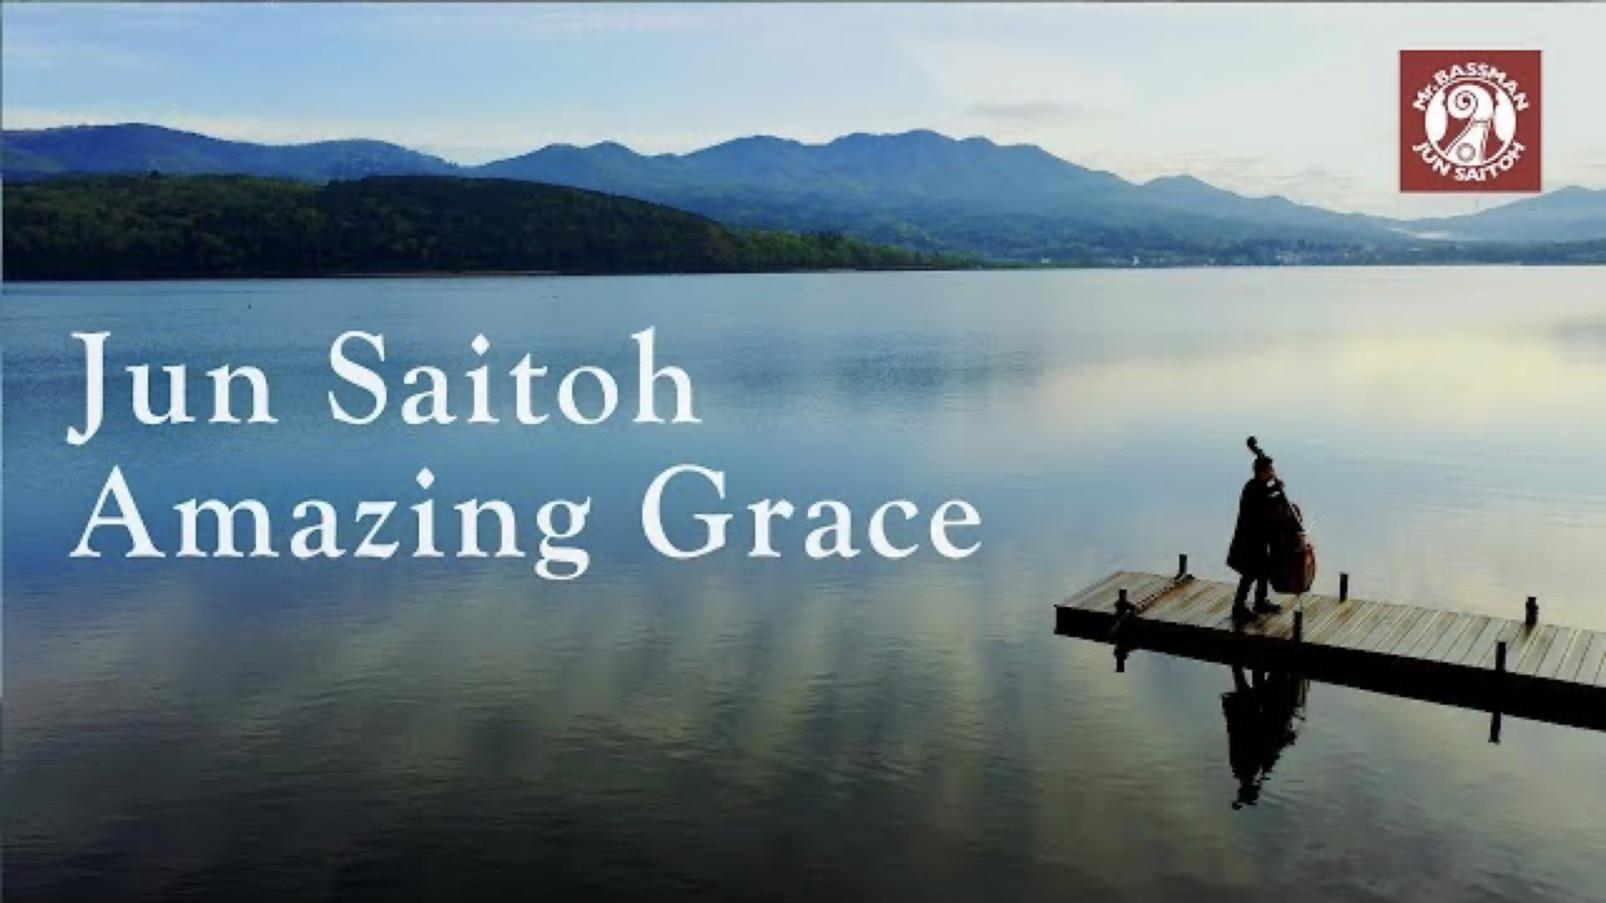 アメイジンググレイス - 齋藤順 MV with Drone - 山中湖 / Mr.Bassman! Jun Saitoh / Amazing Grace-1